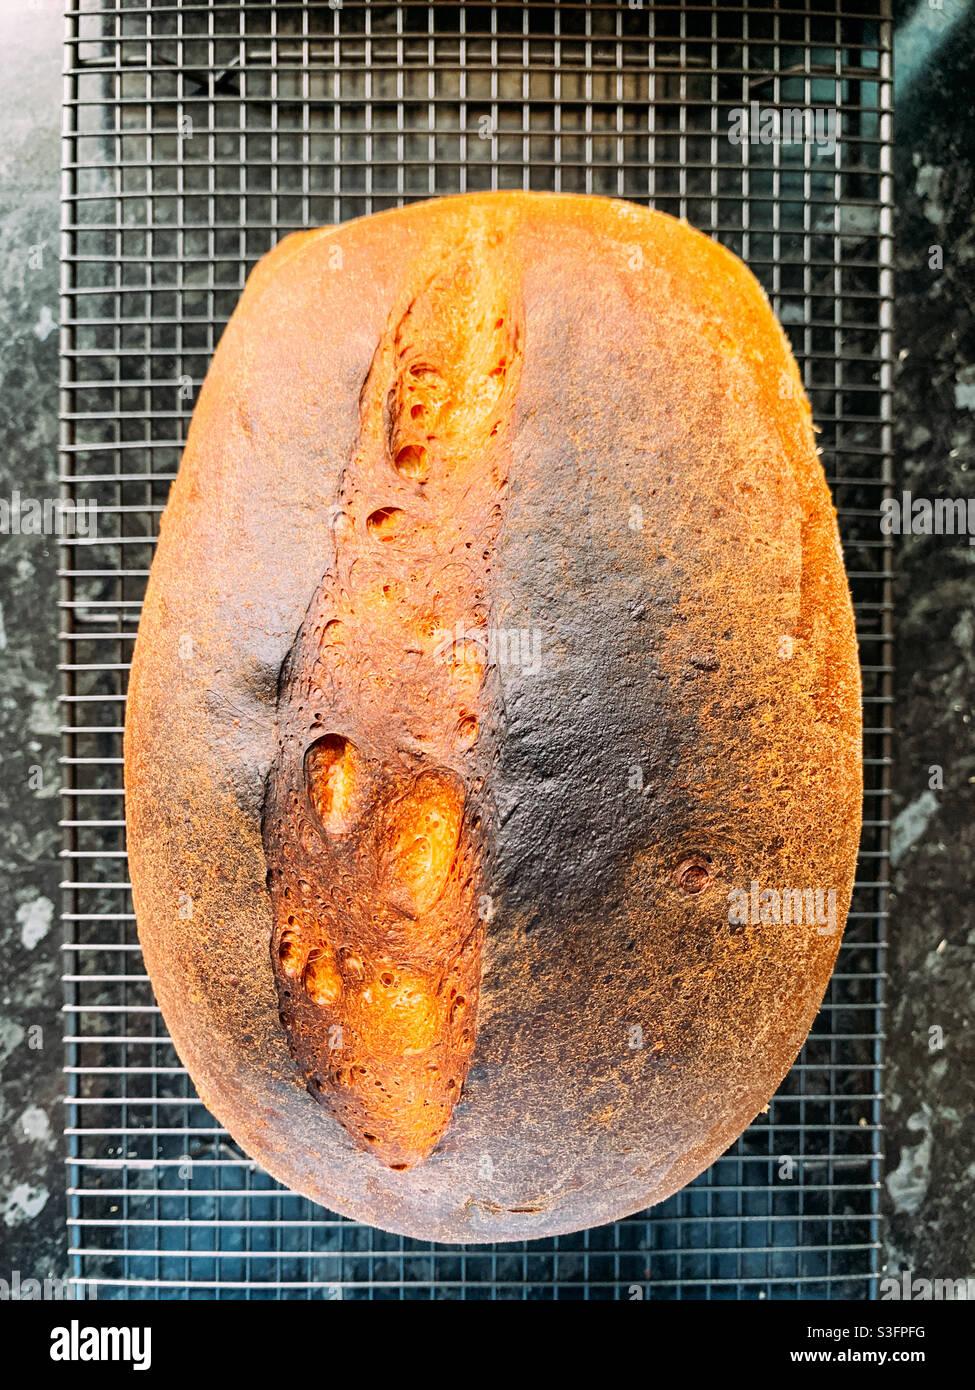 Pane bianco cotto in casa Foto Stock